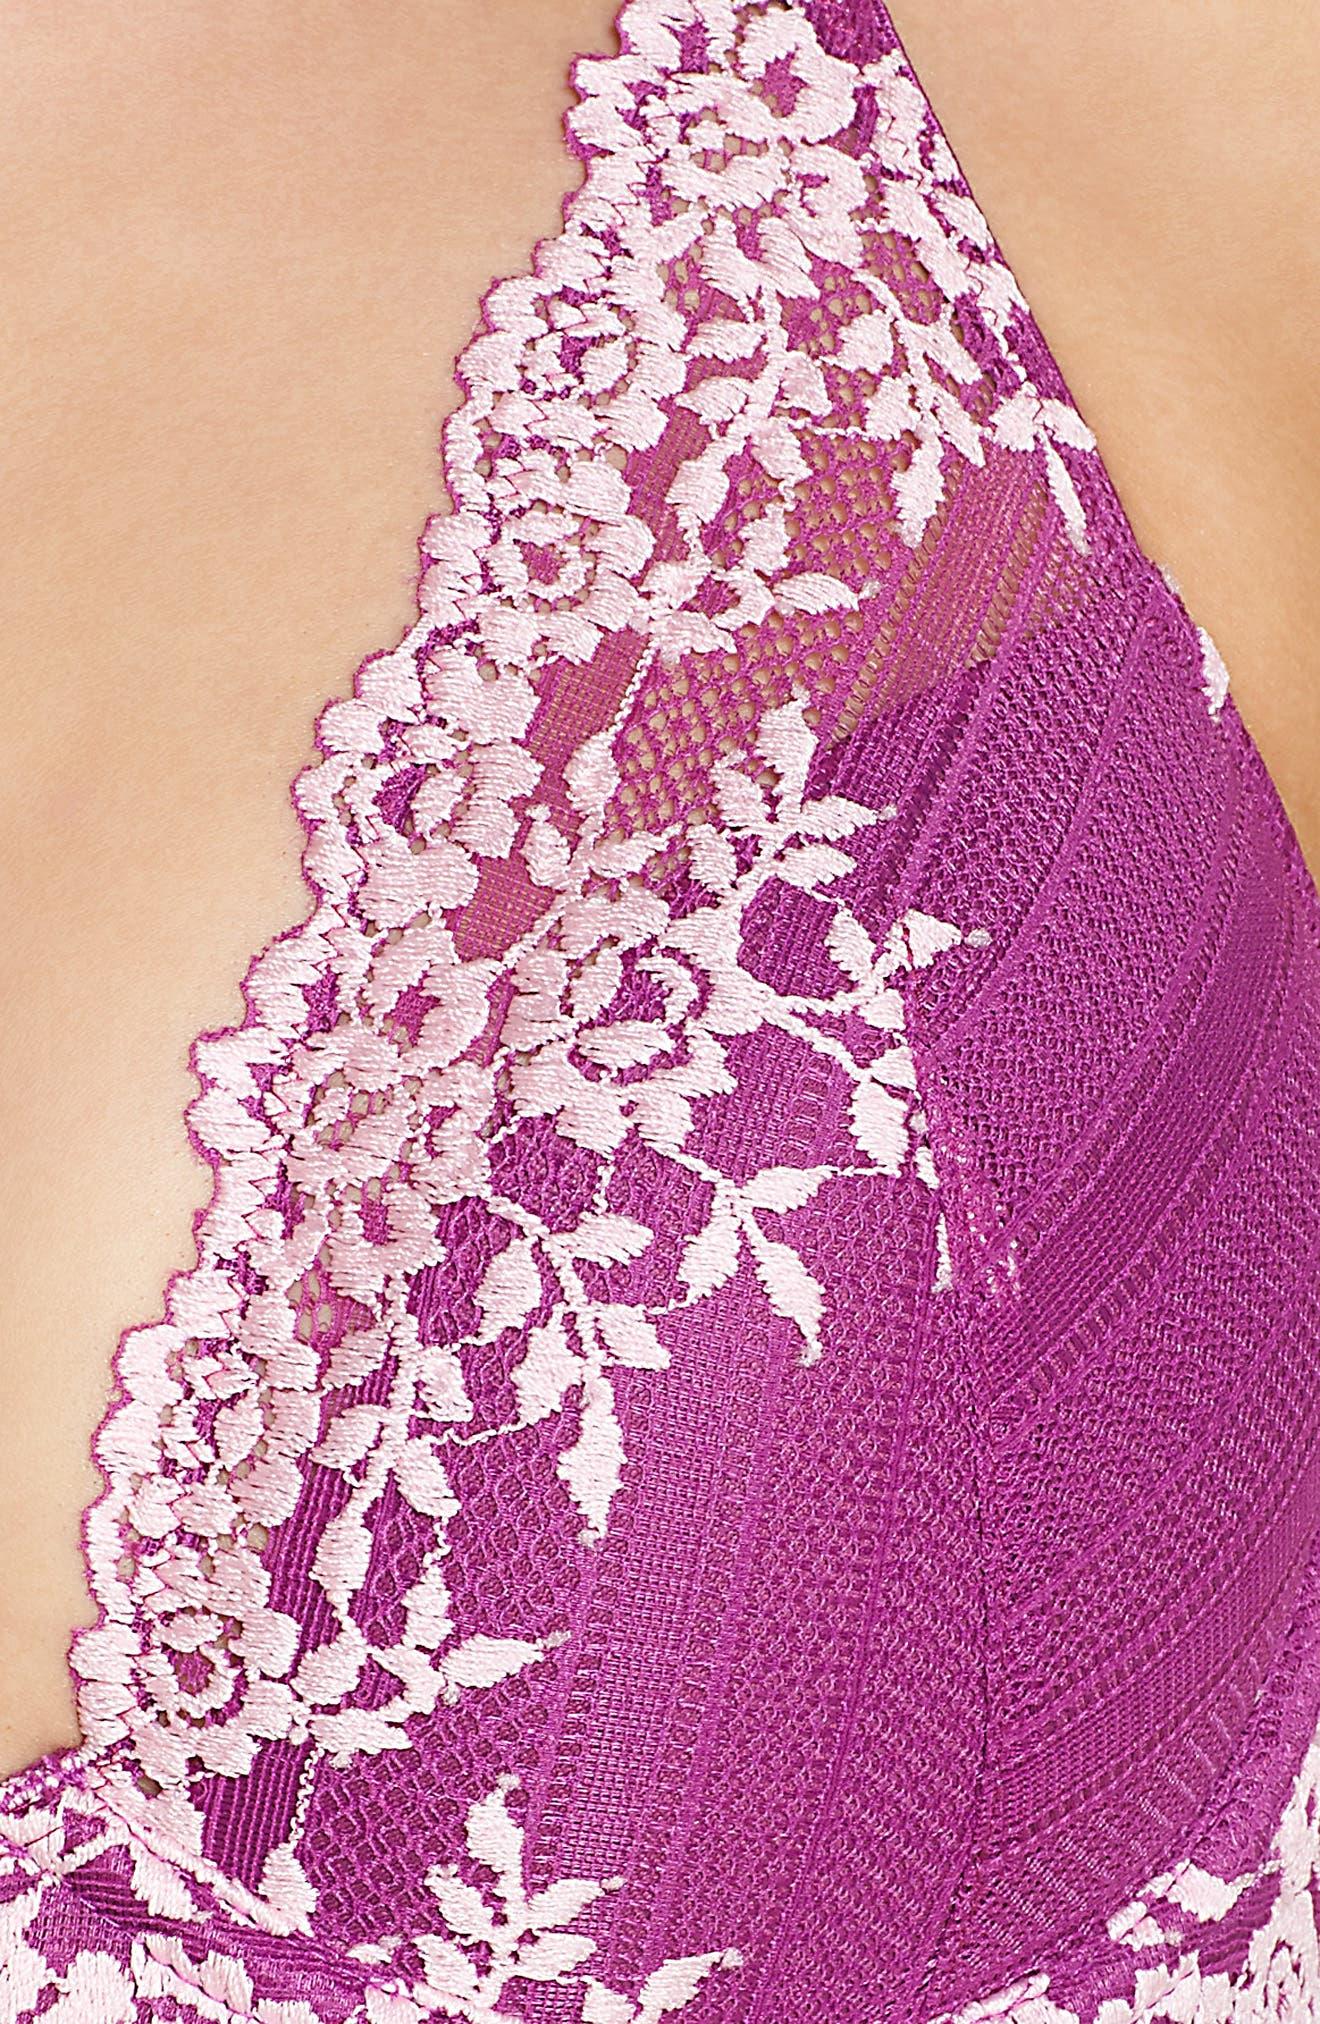 Embrace Lace Underwire Contour Bra,                             Alternate thumbnail 9, color,                             Hollyhock/ Chalk Pink